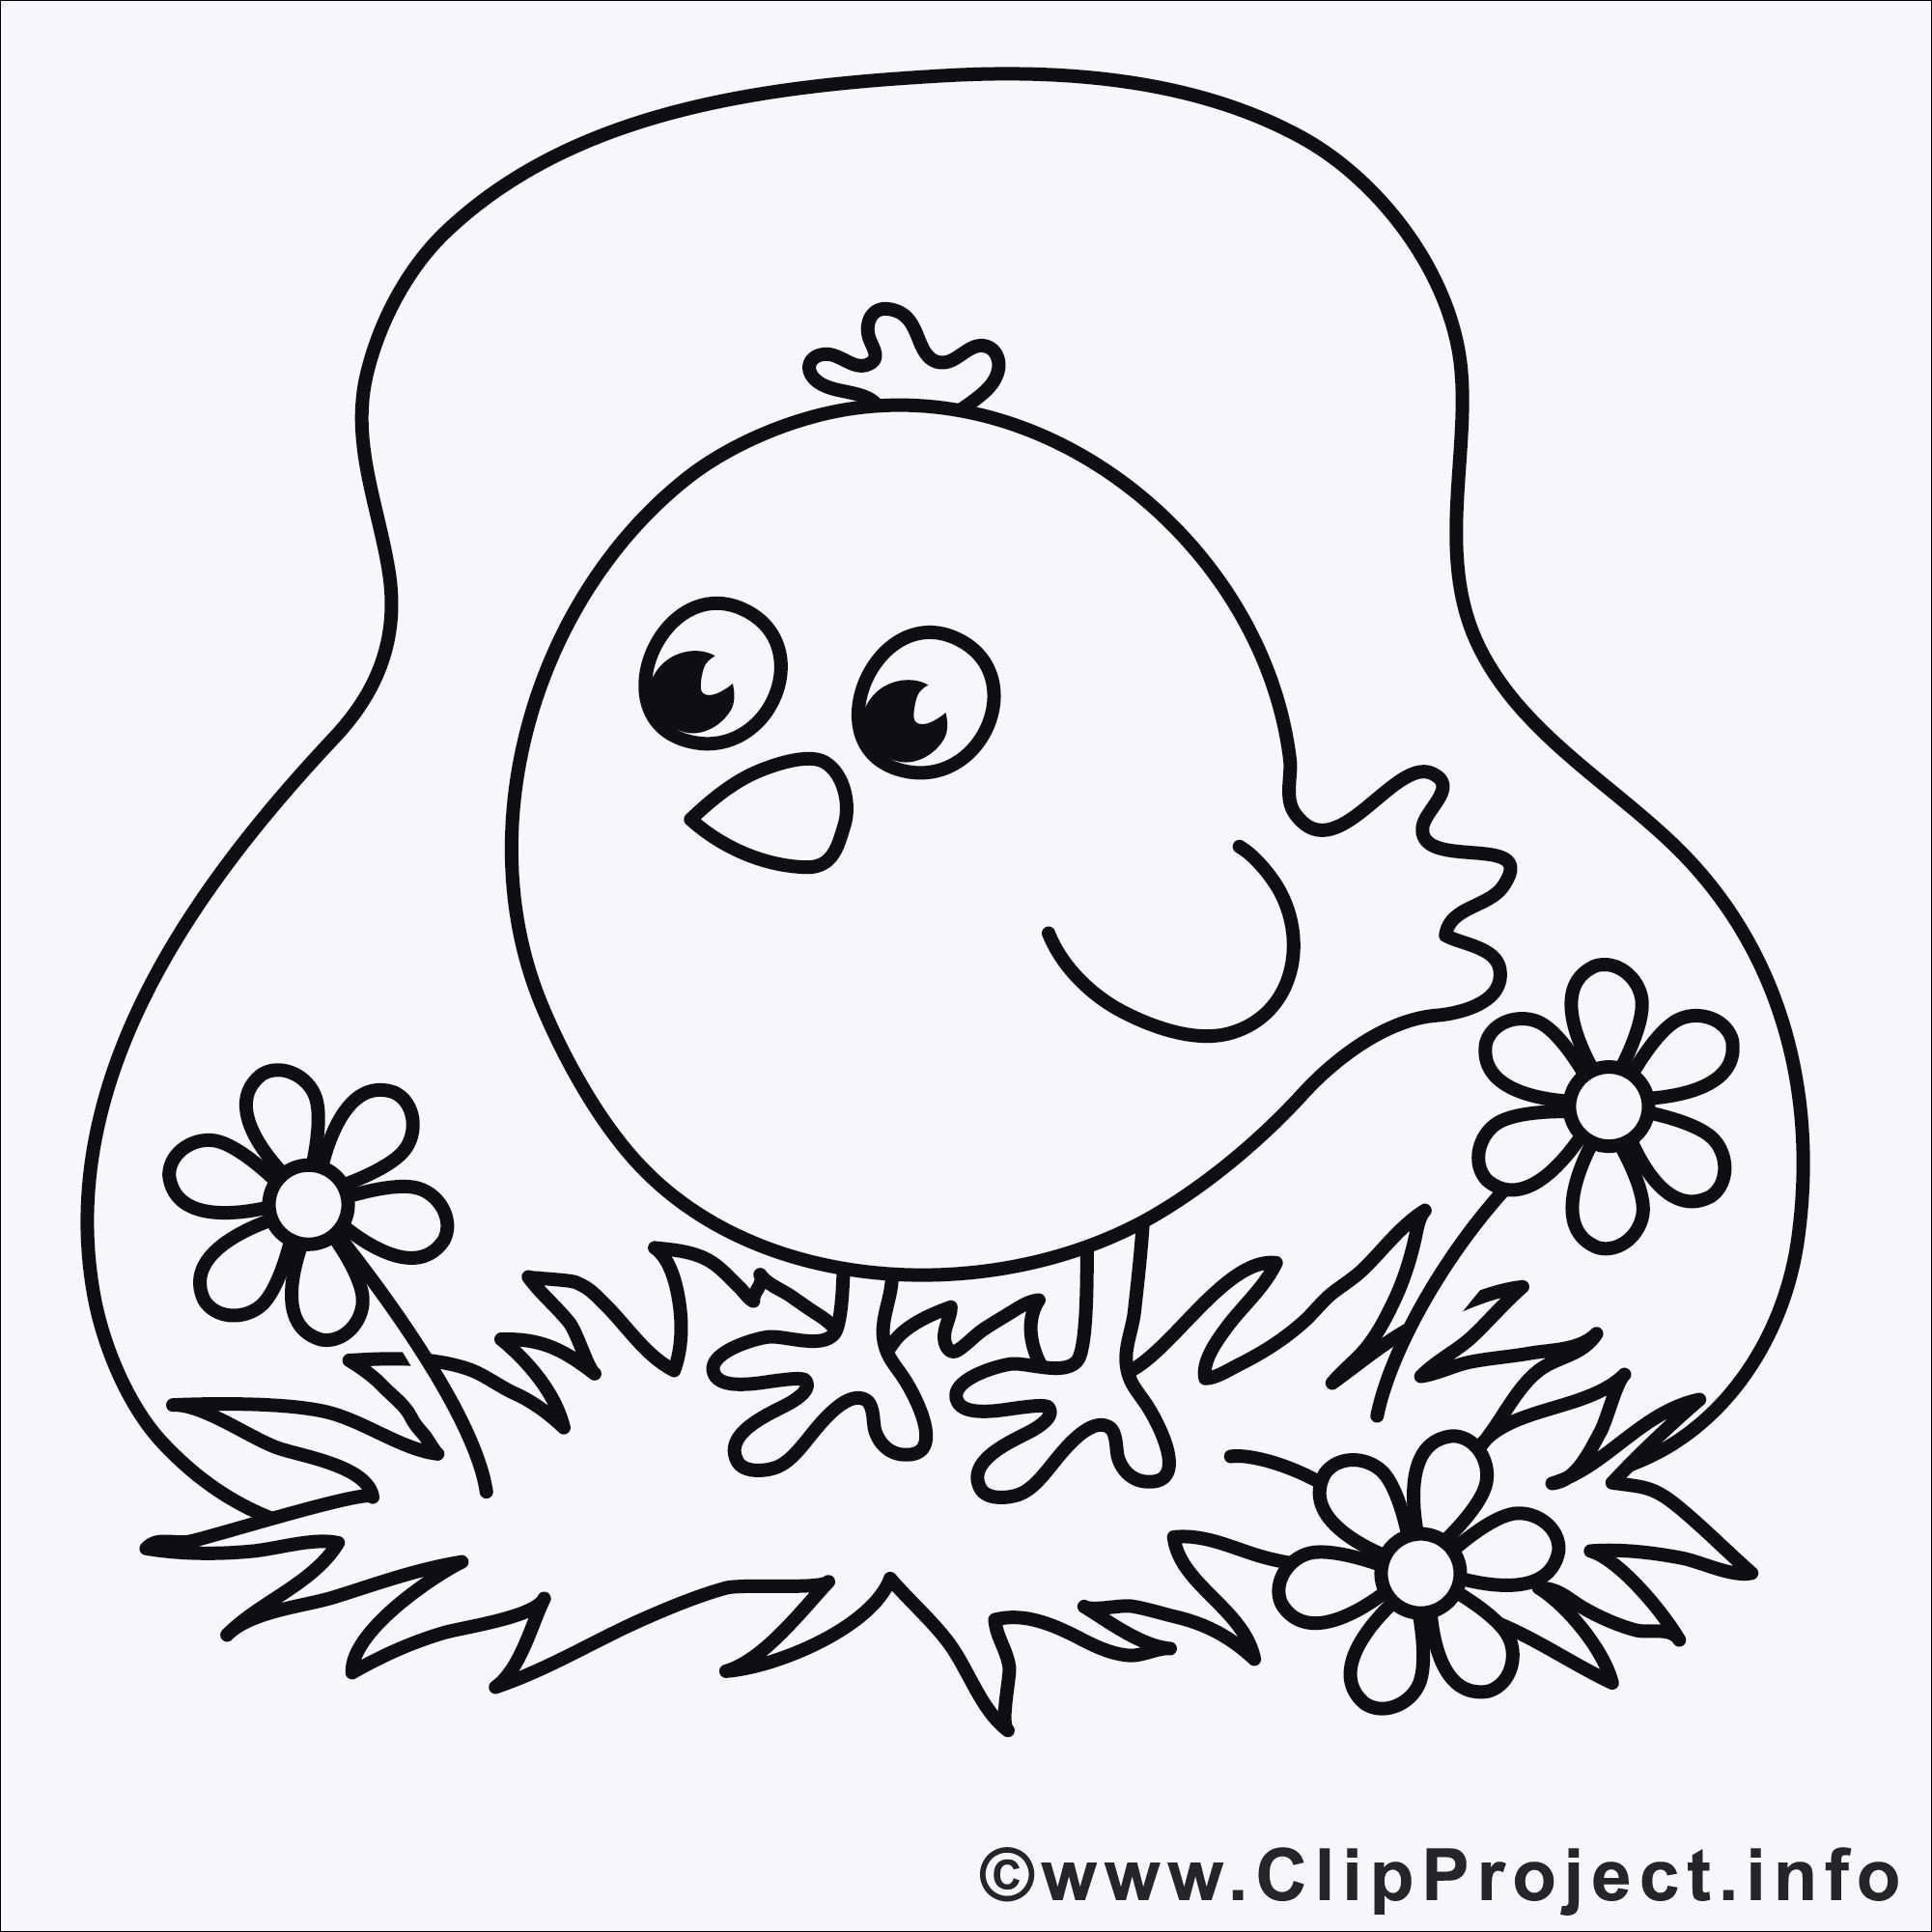 Frohe Ostern Bilder Zum Ausmalen Genial Frohe Ostern Ausmalbild Vorstellung Ausmalbilder Ostern Kostenlos Stock